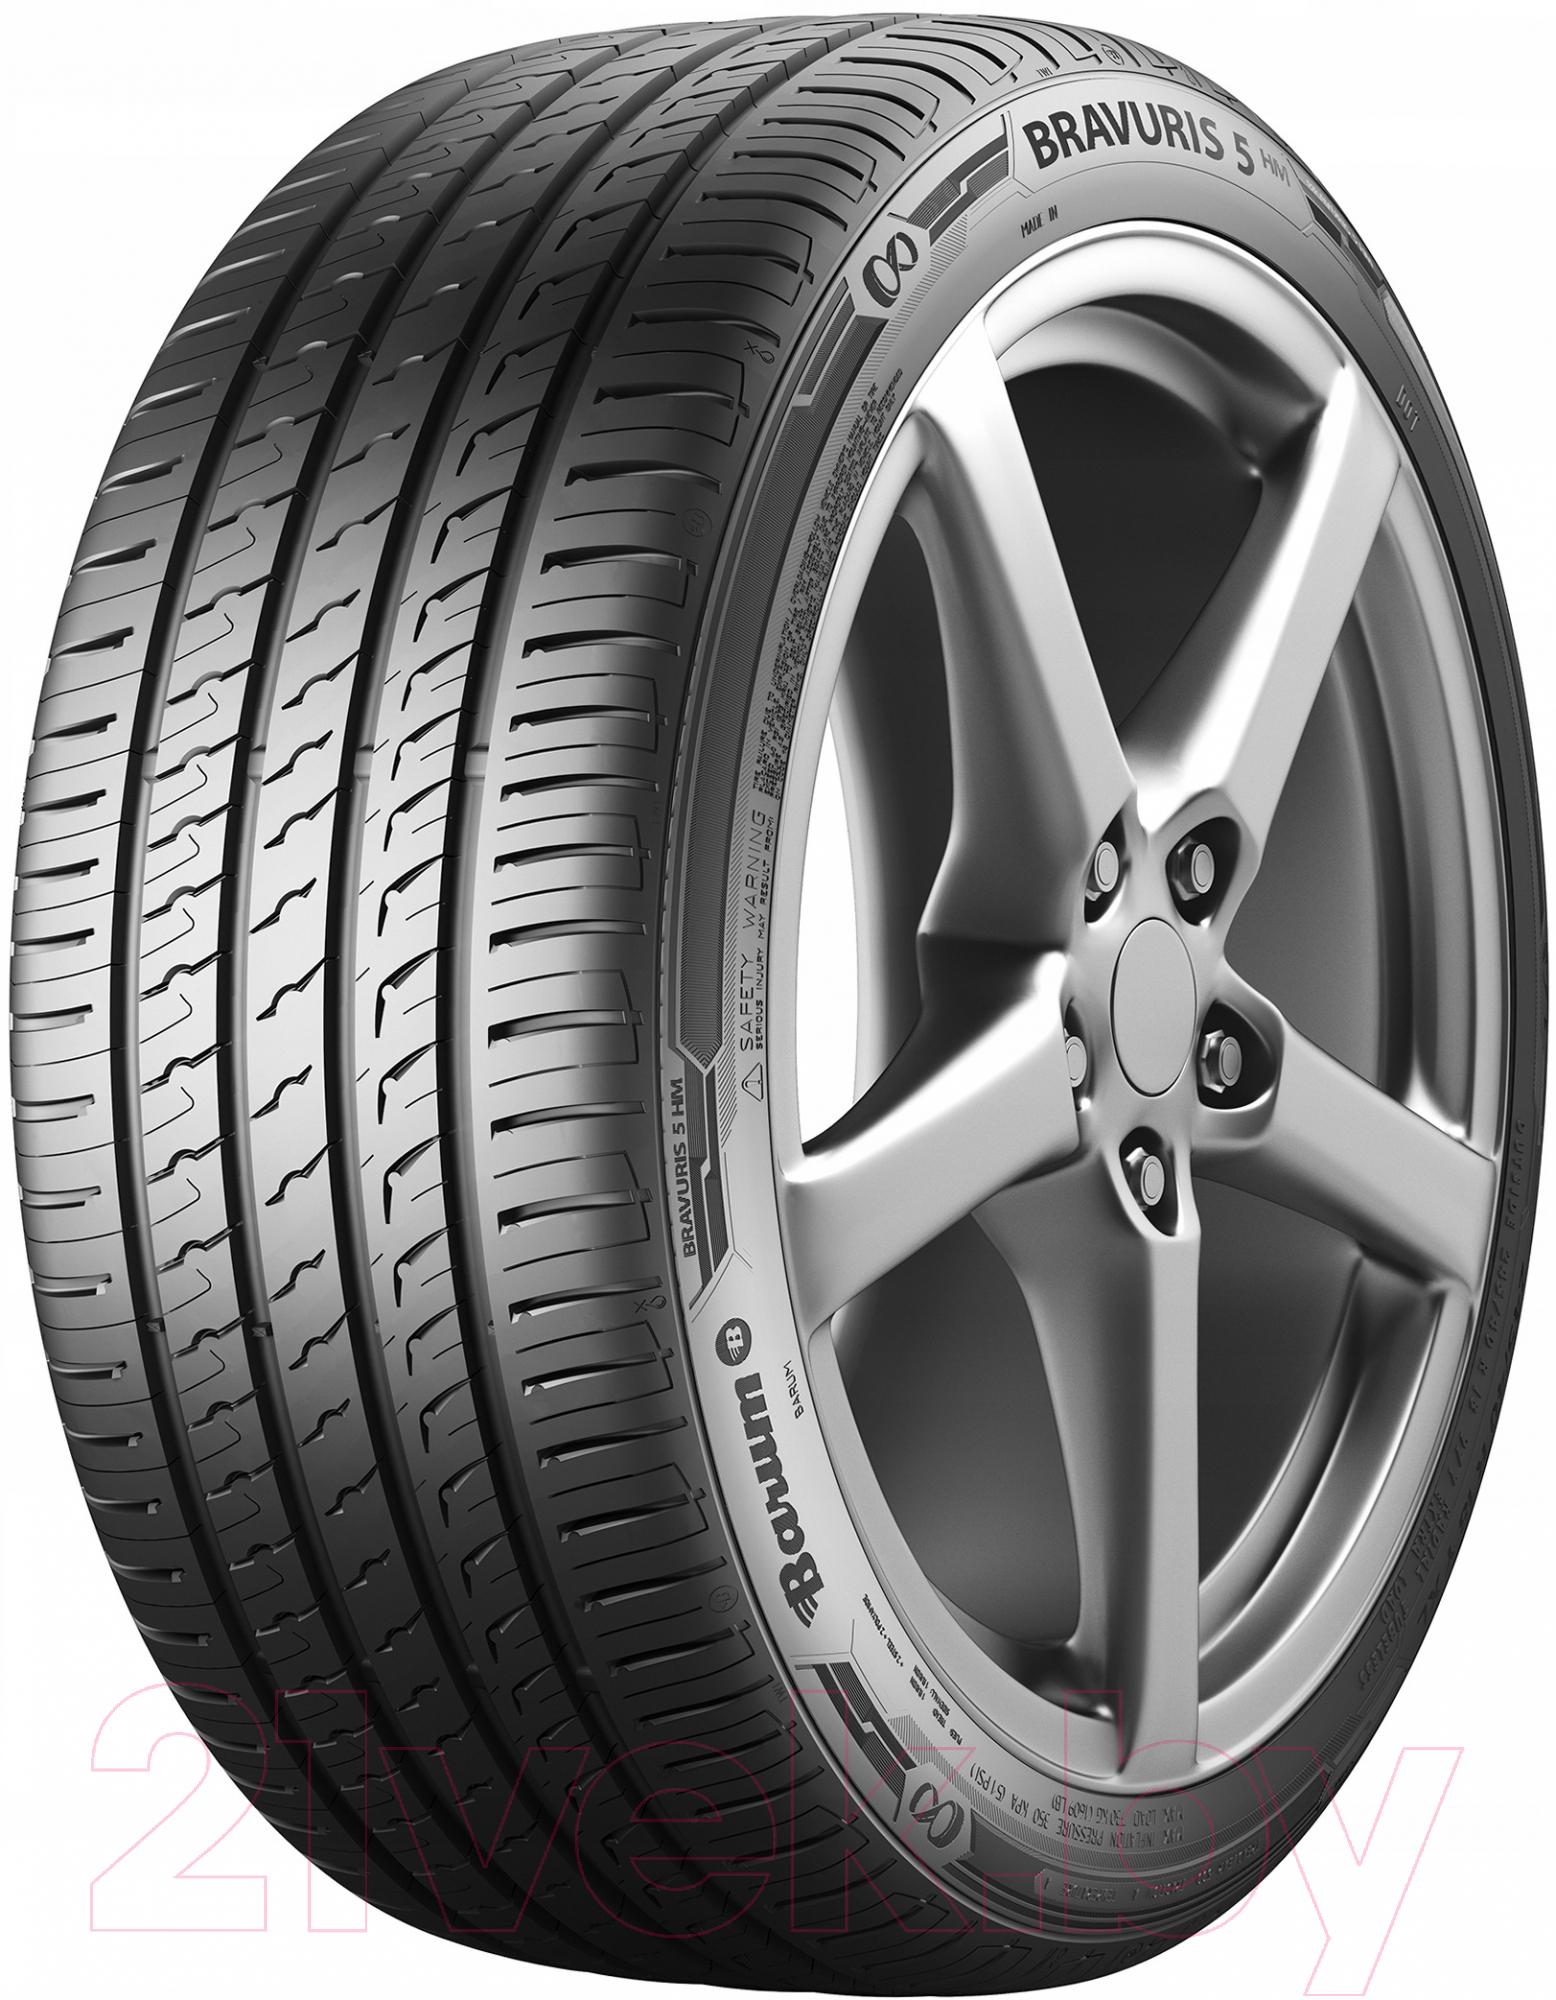 Купить Летняя шина Barum, Bravuris 5HM 215/50R17 95Y, Германия